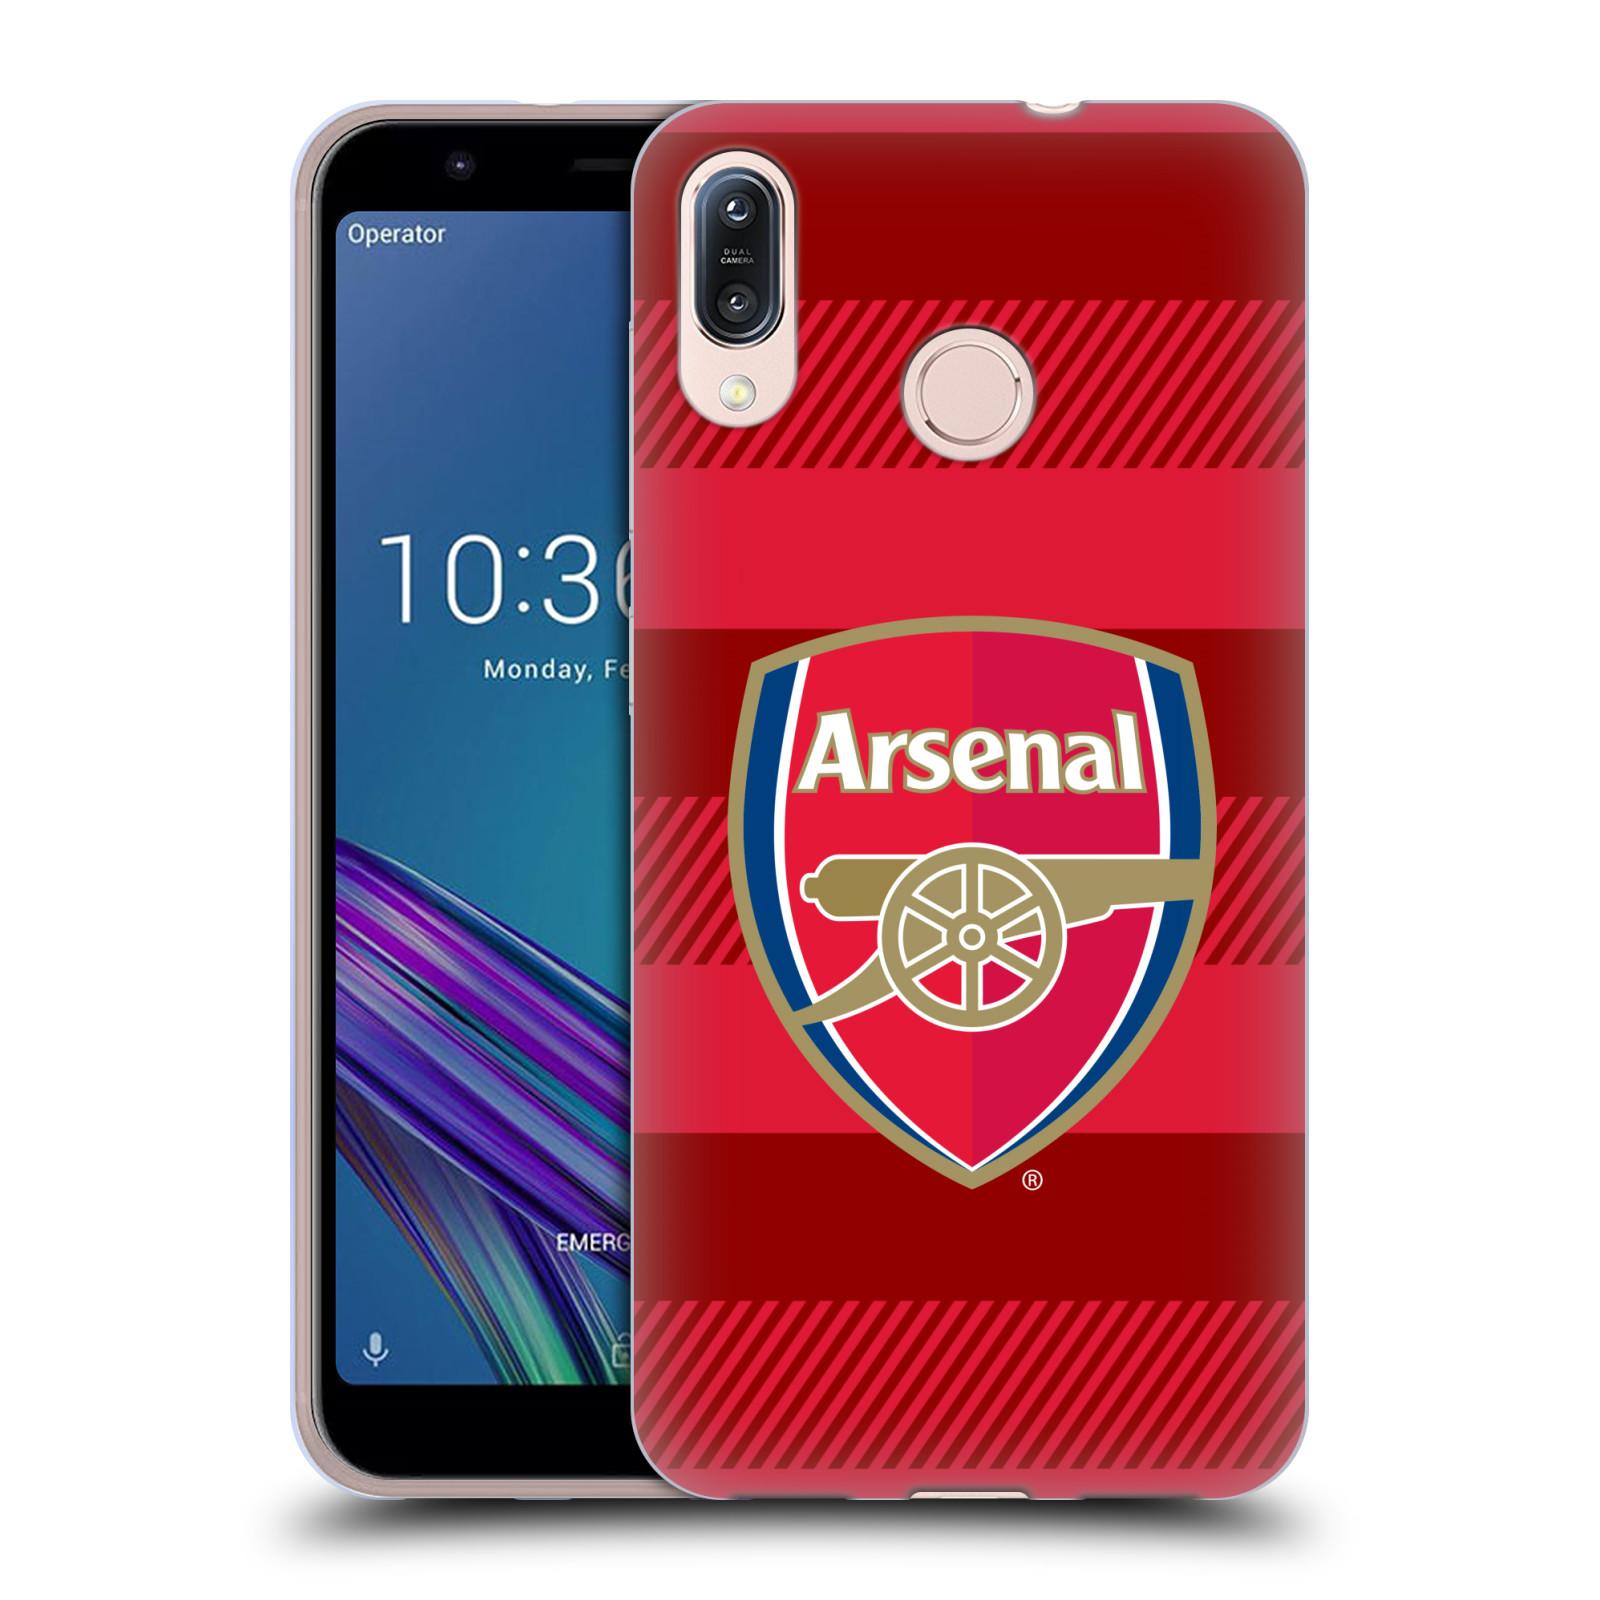 Silikonové pouzdro na mobil Asus Zenfone Max M1 ZB555KL - Head Case - Arsenal FC - Logo s pruhy